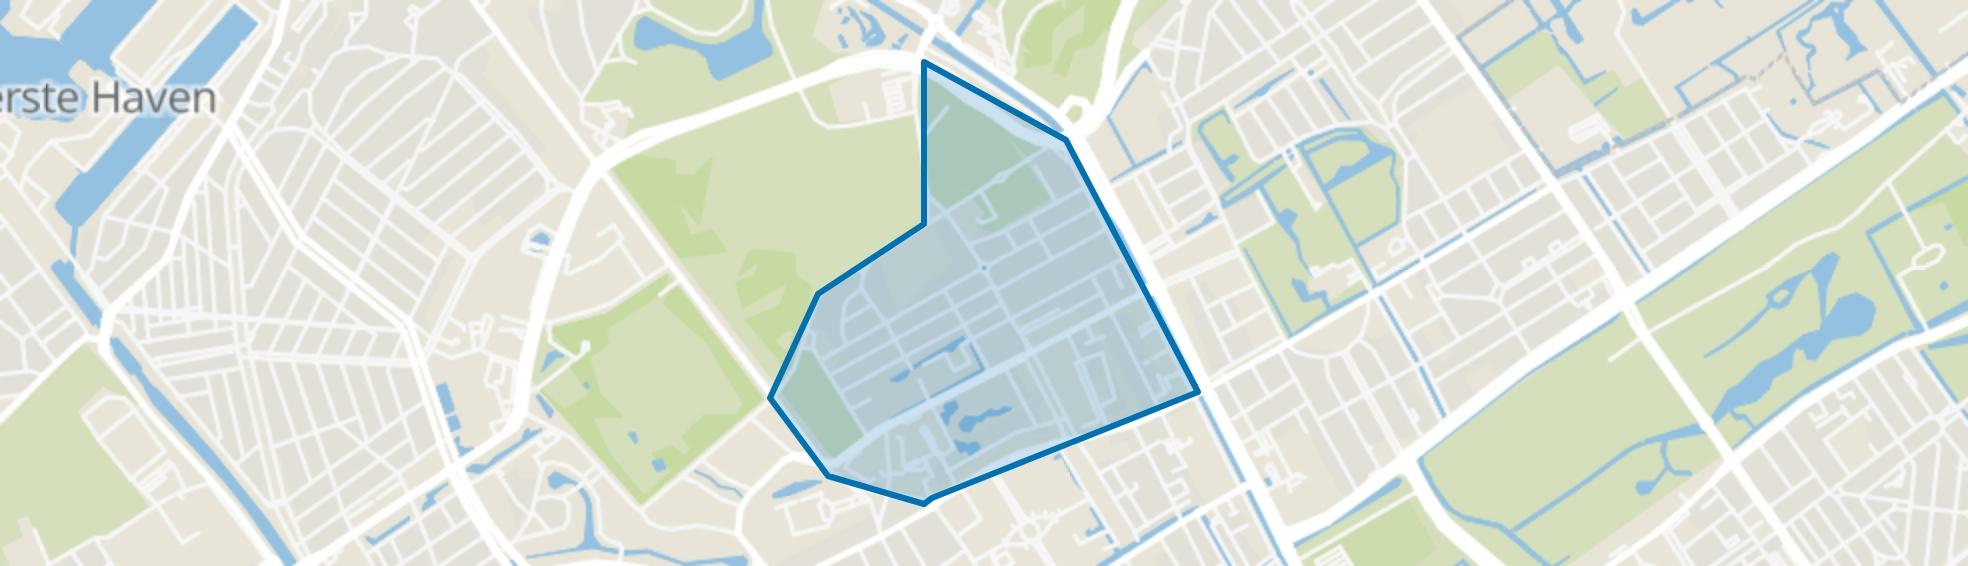 Archipelbuurt, Den Haag map